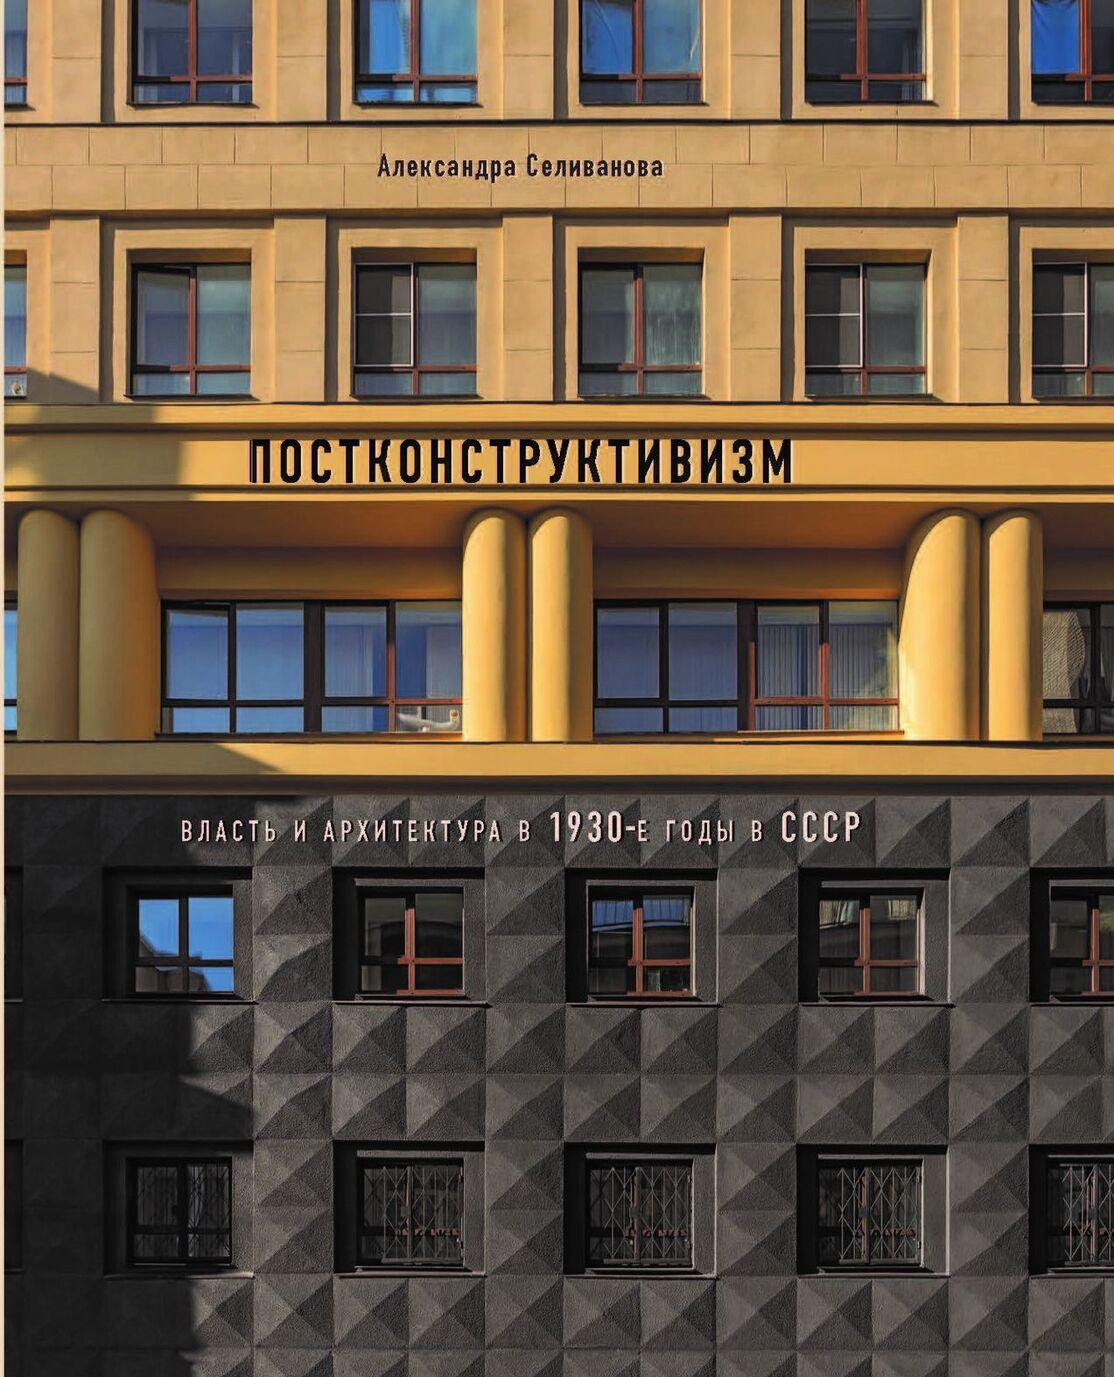 Postkonstruktivizm. Vlast i arkhitektura v 1930-e gody v SSSR. 2-e izdanie